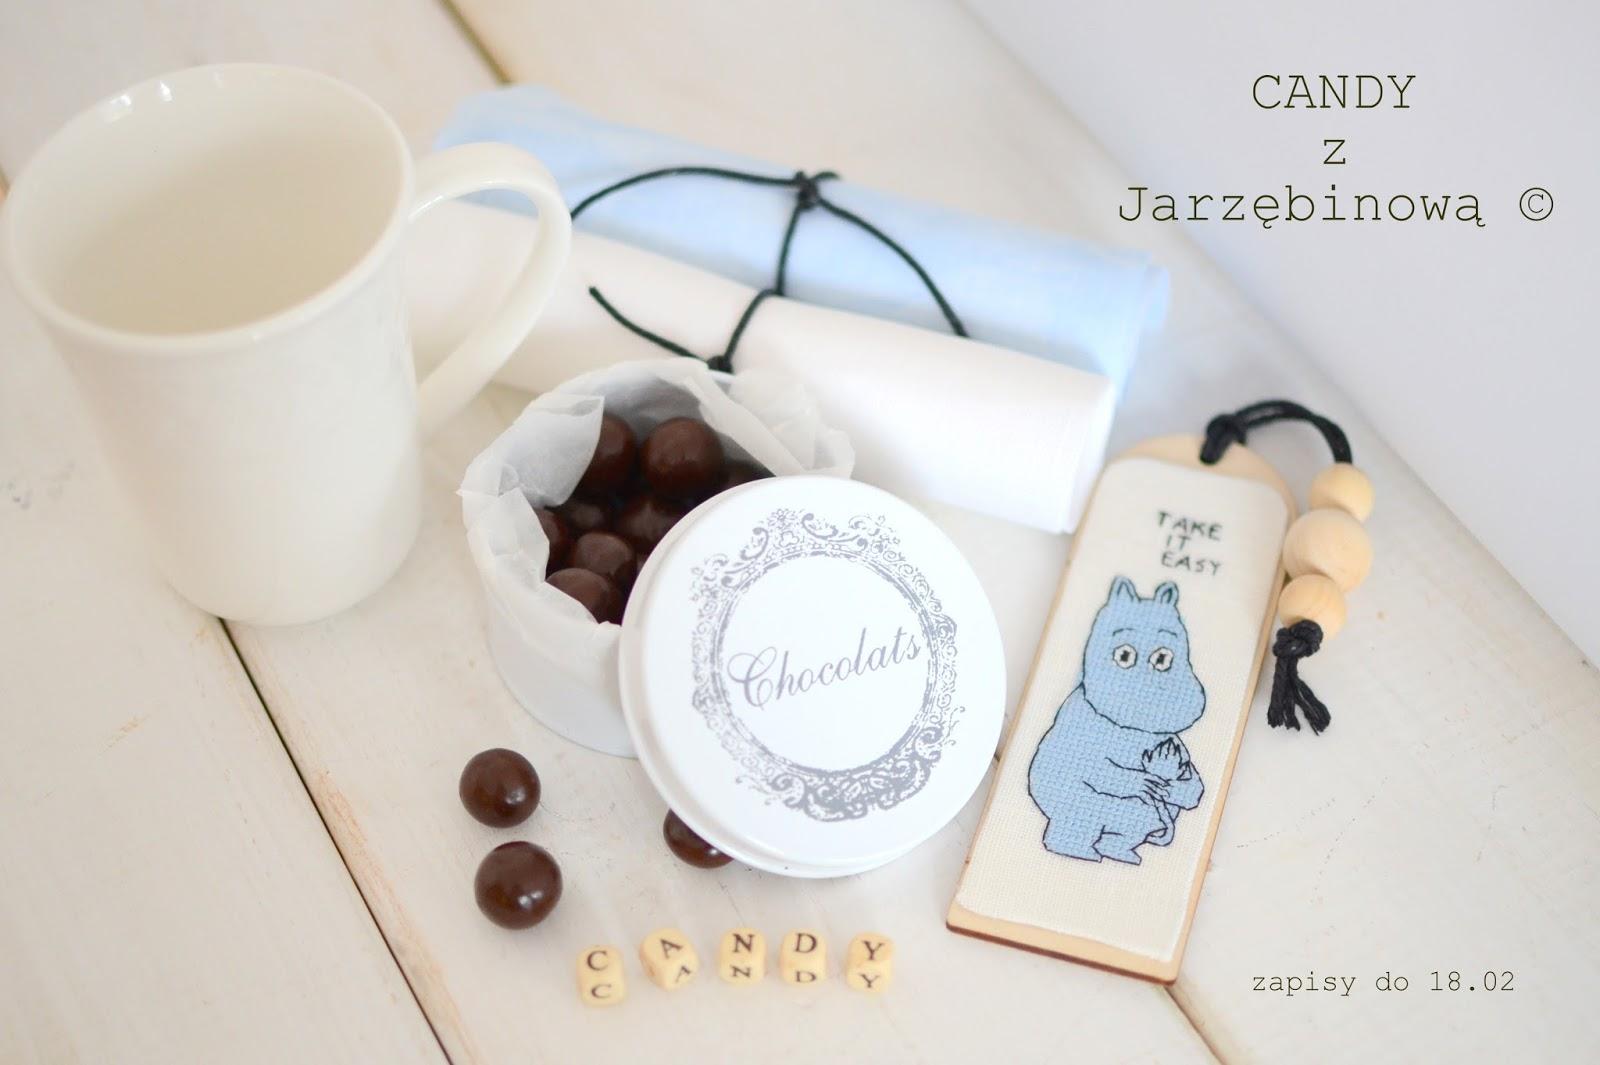 Candy z Jarzębinową